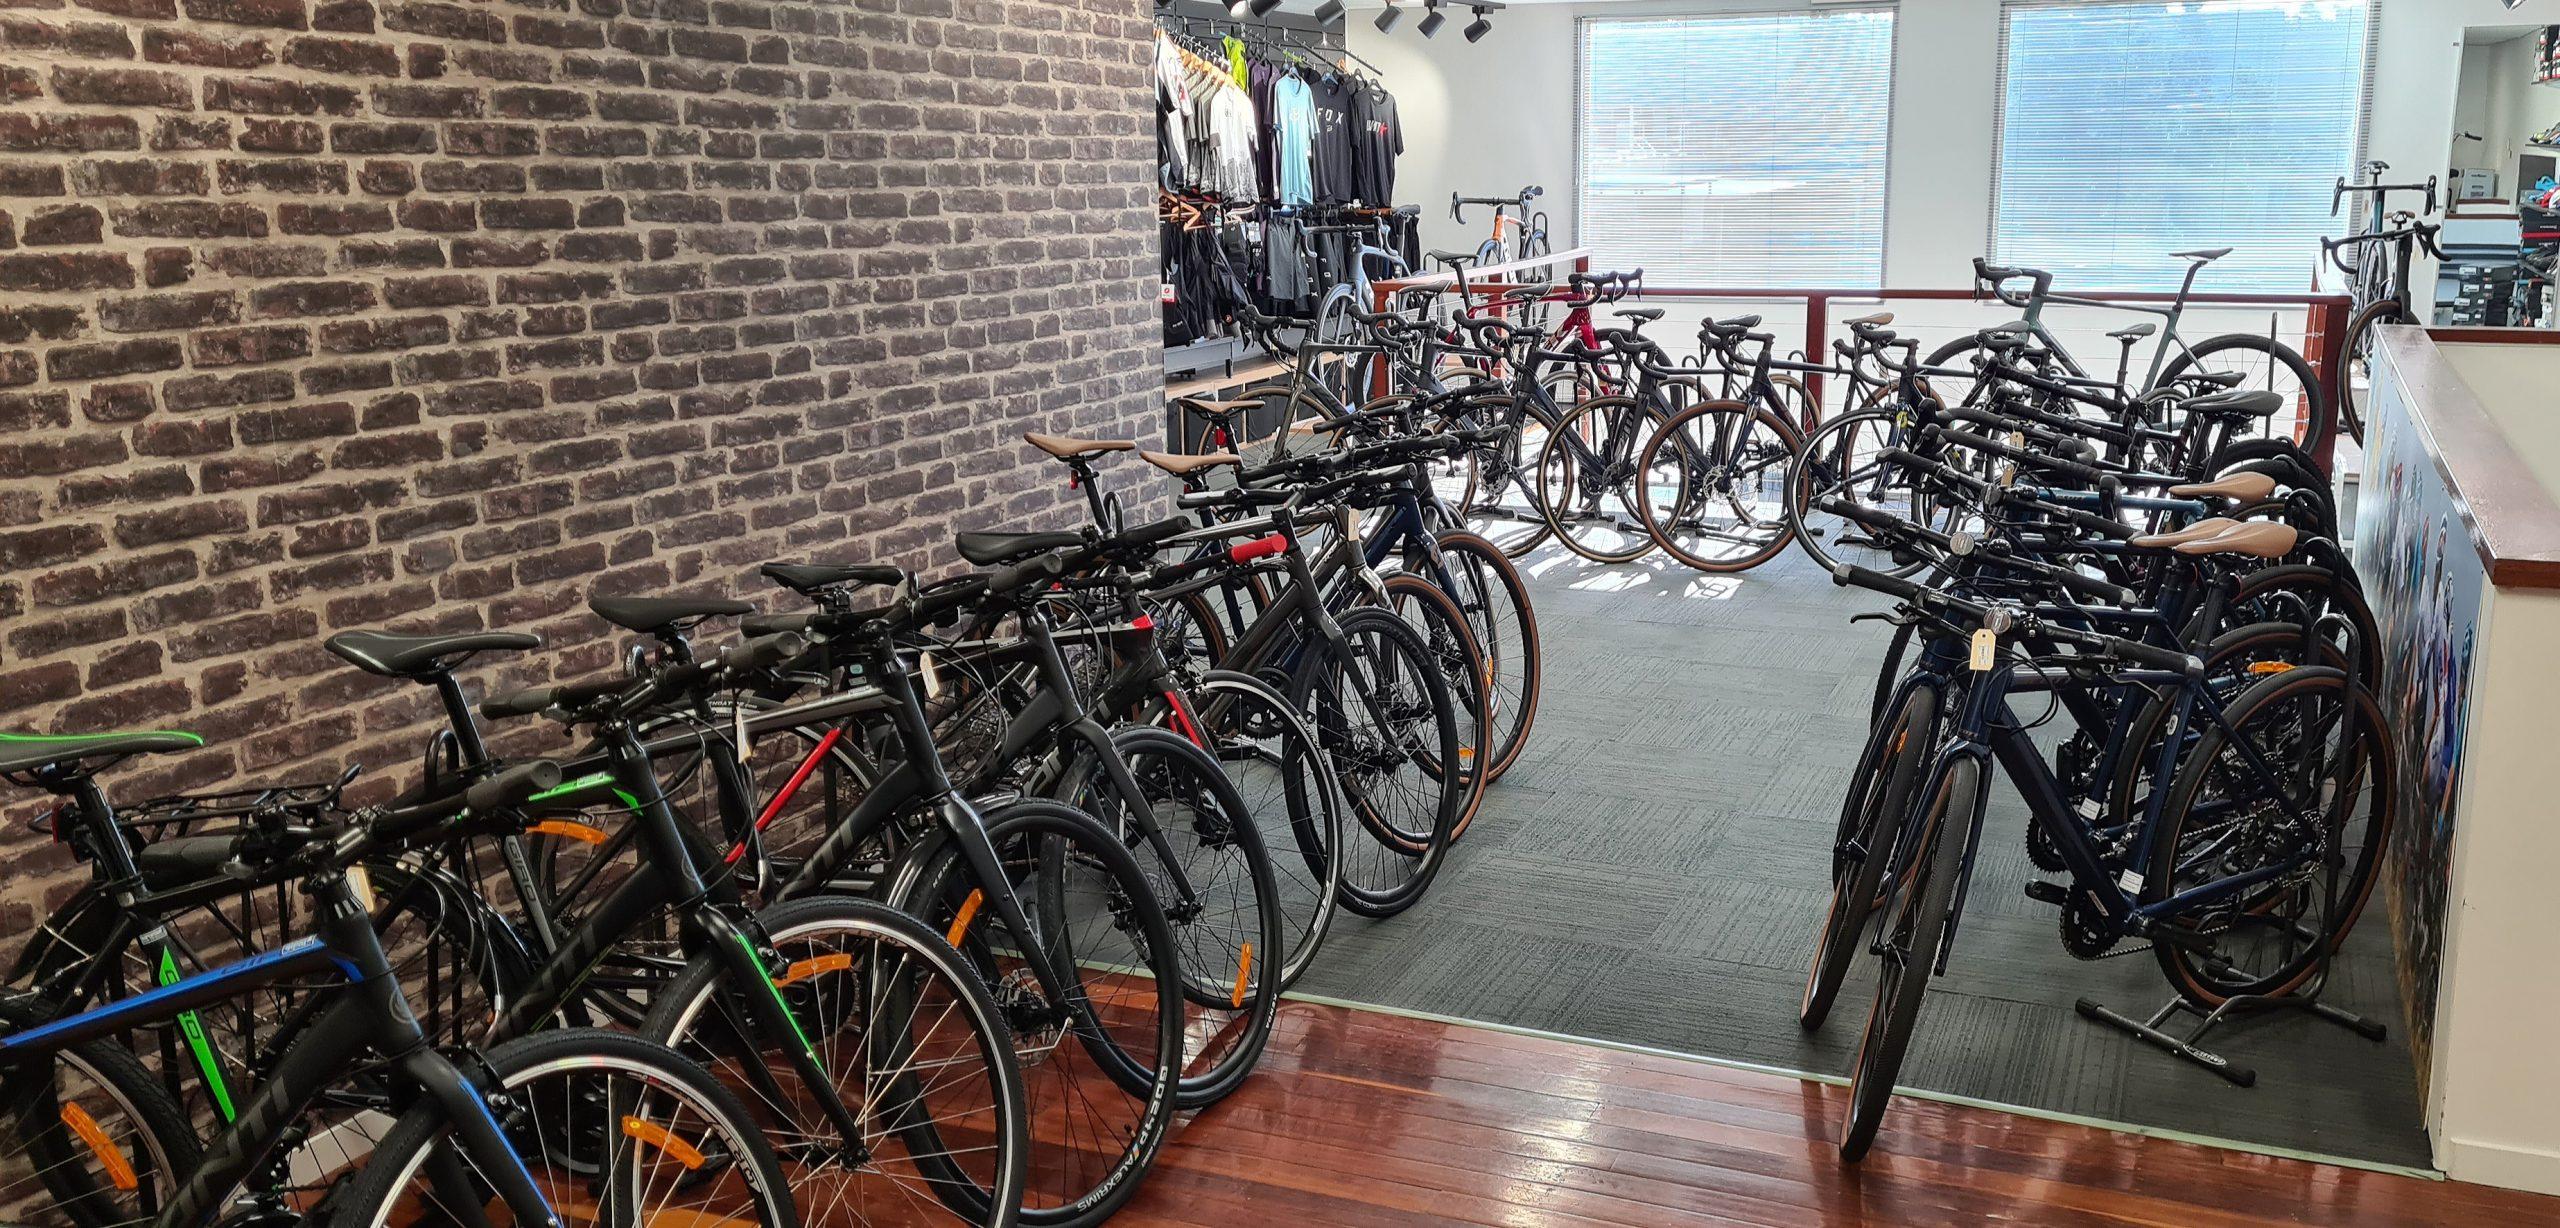 Bicycle brands display